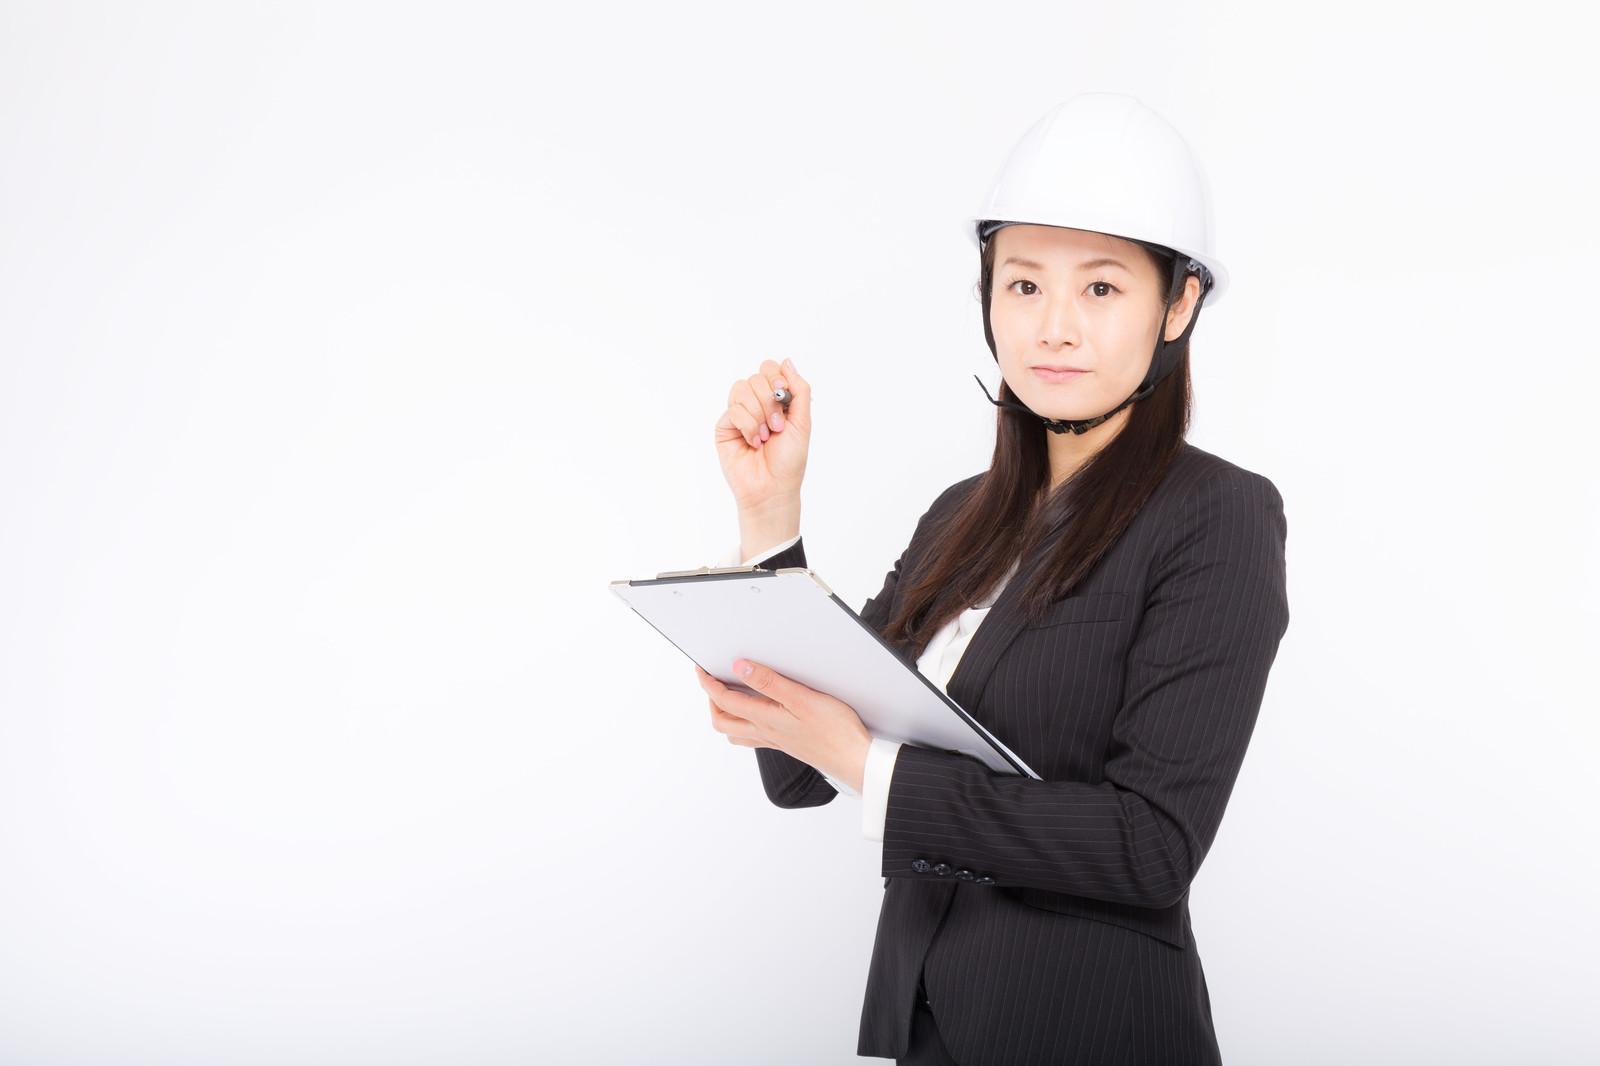 札幌市でのマンション管理は業者利用がおすすめ!委託できる業務内容